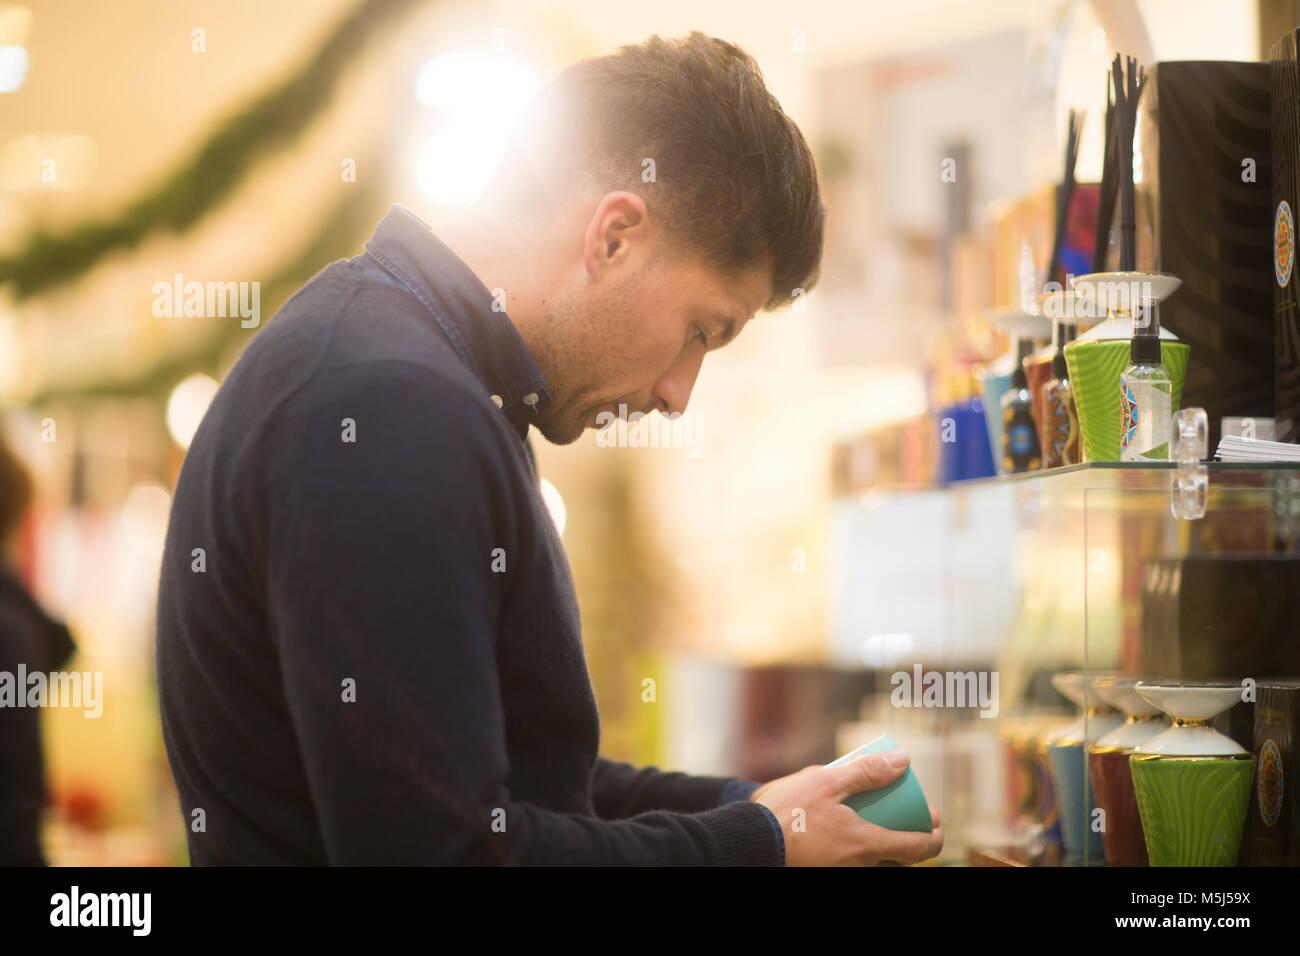 Hombre mirando incierto para regalo de Navidad en una tienda Imagen De Stock